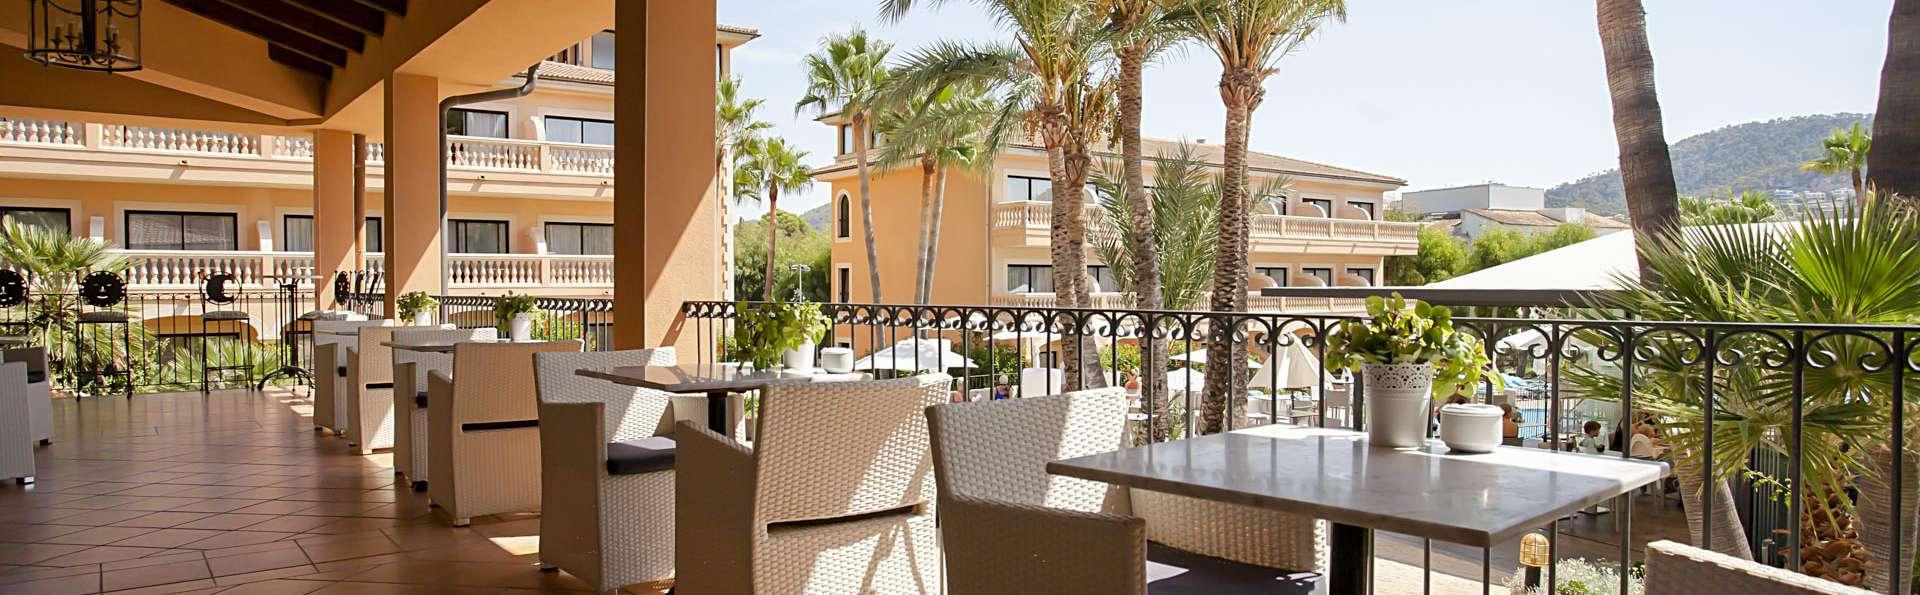 Sol, Playa, Relax y Media Pensión en un lujoso hotel 4* a dos minutos del Port d'Andratx